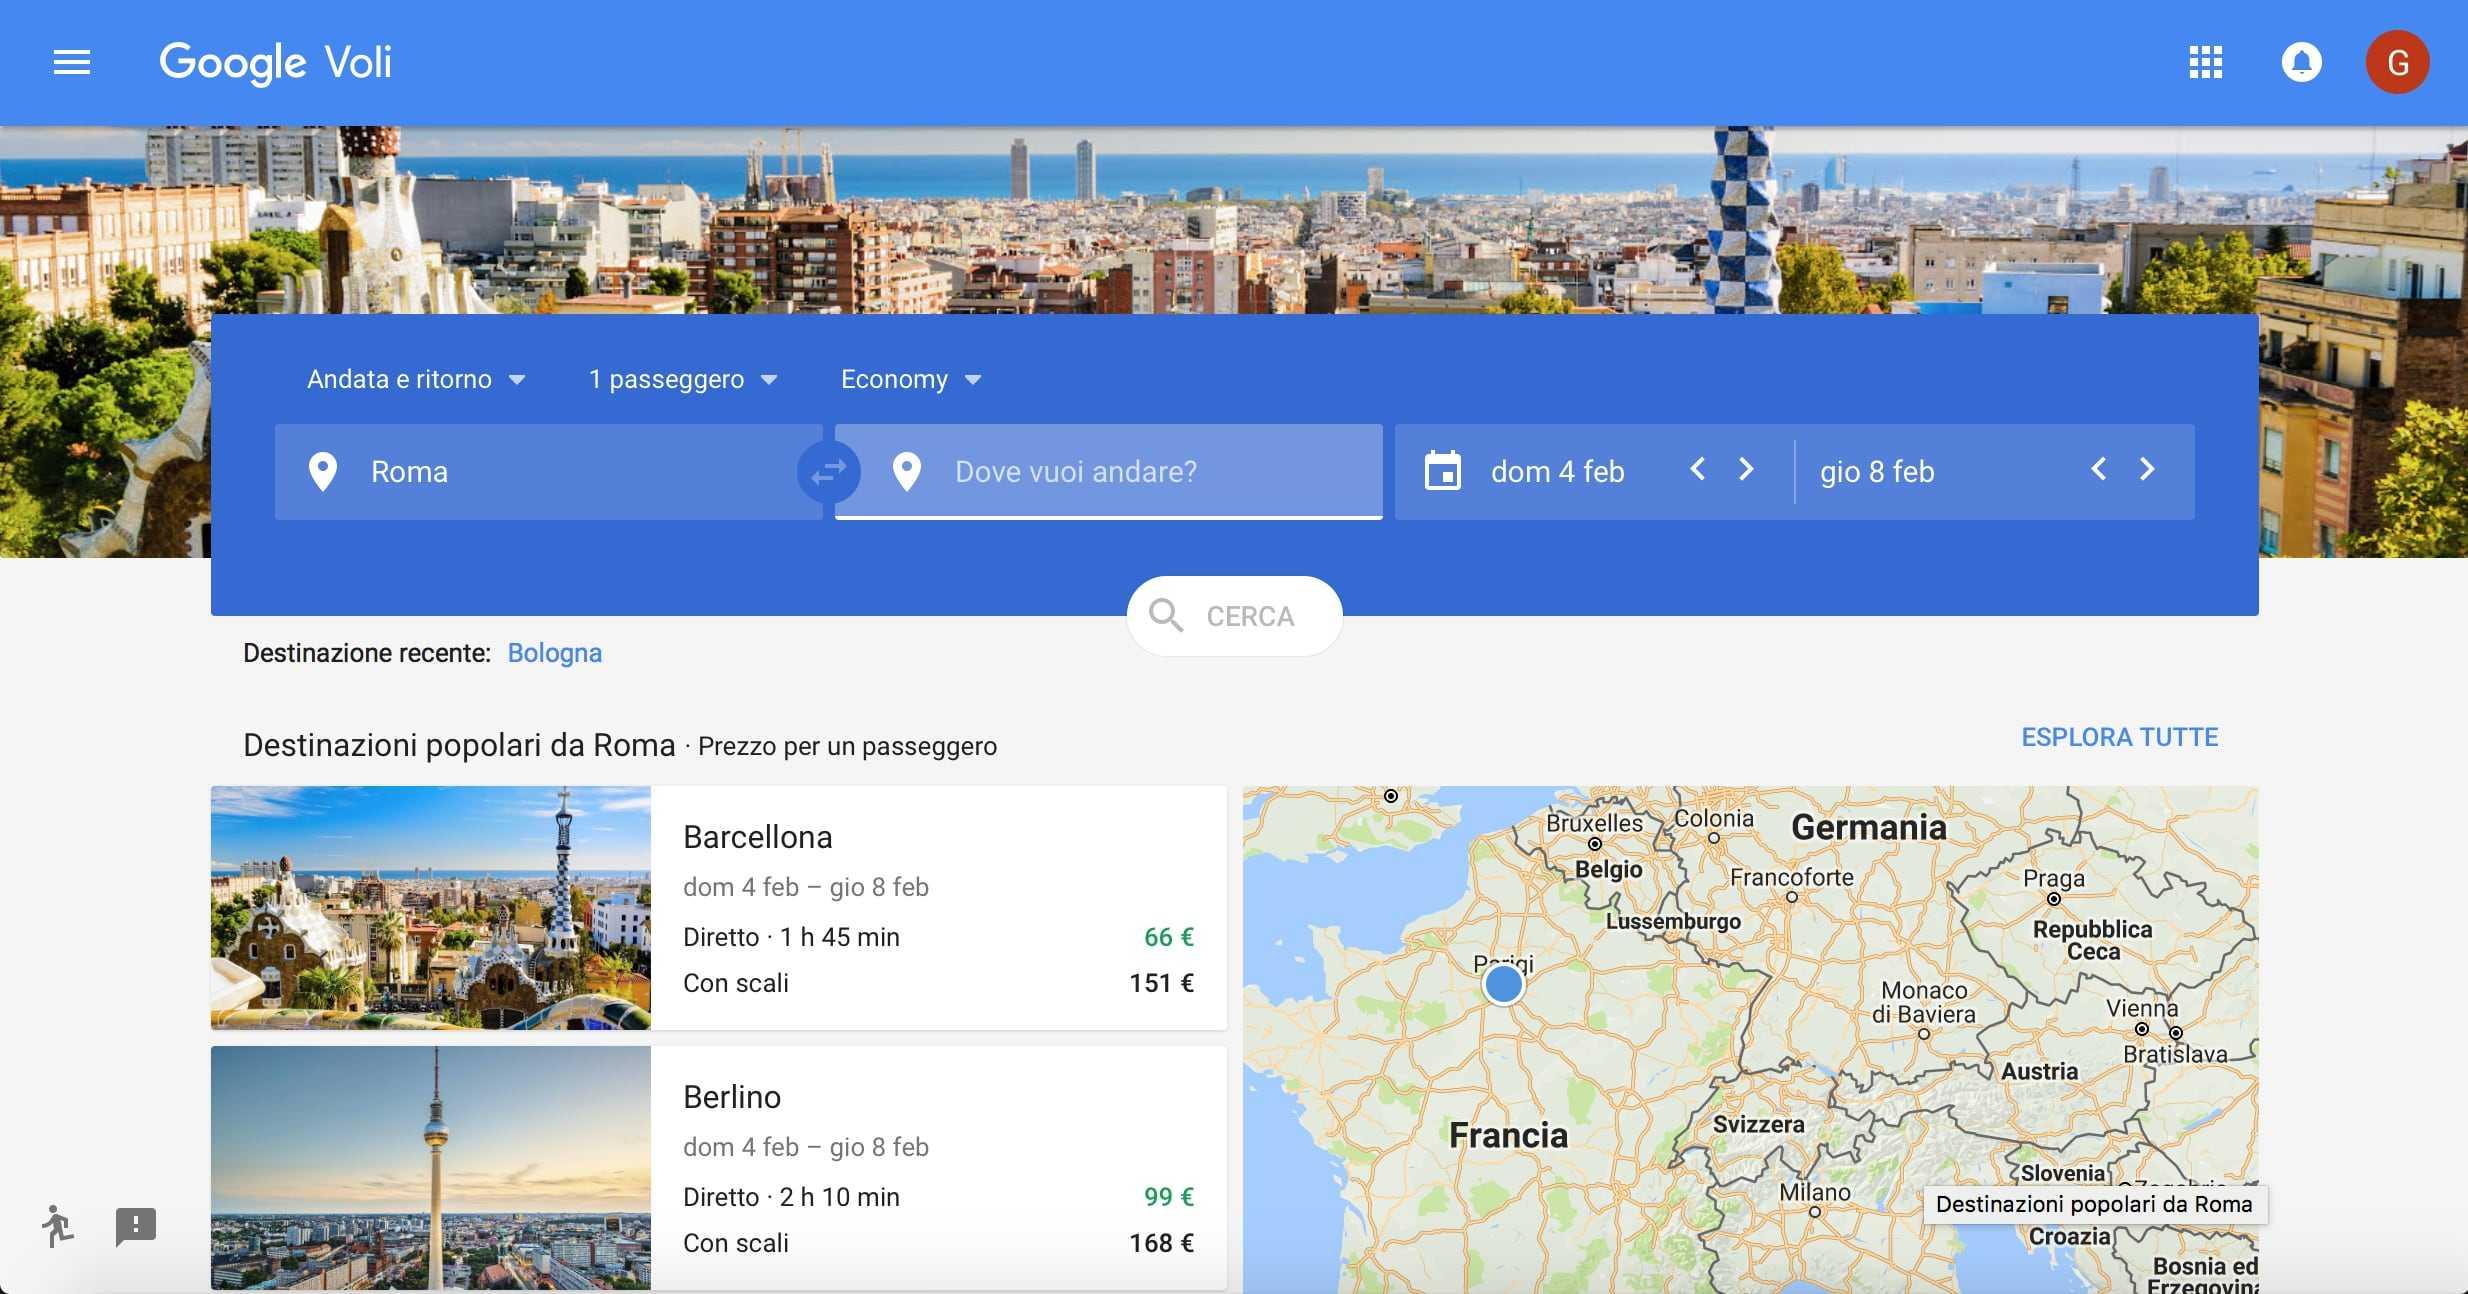 Google Flights, come funziona: trucchi per trovare voli low cost